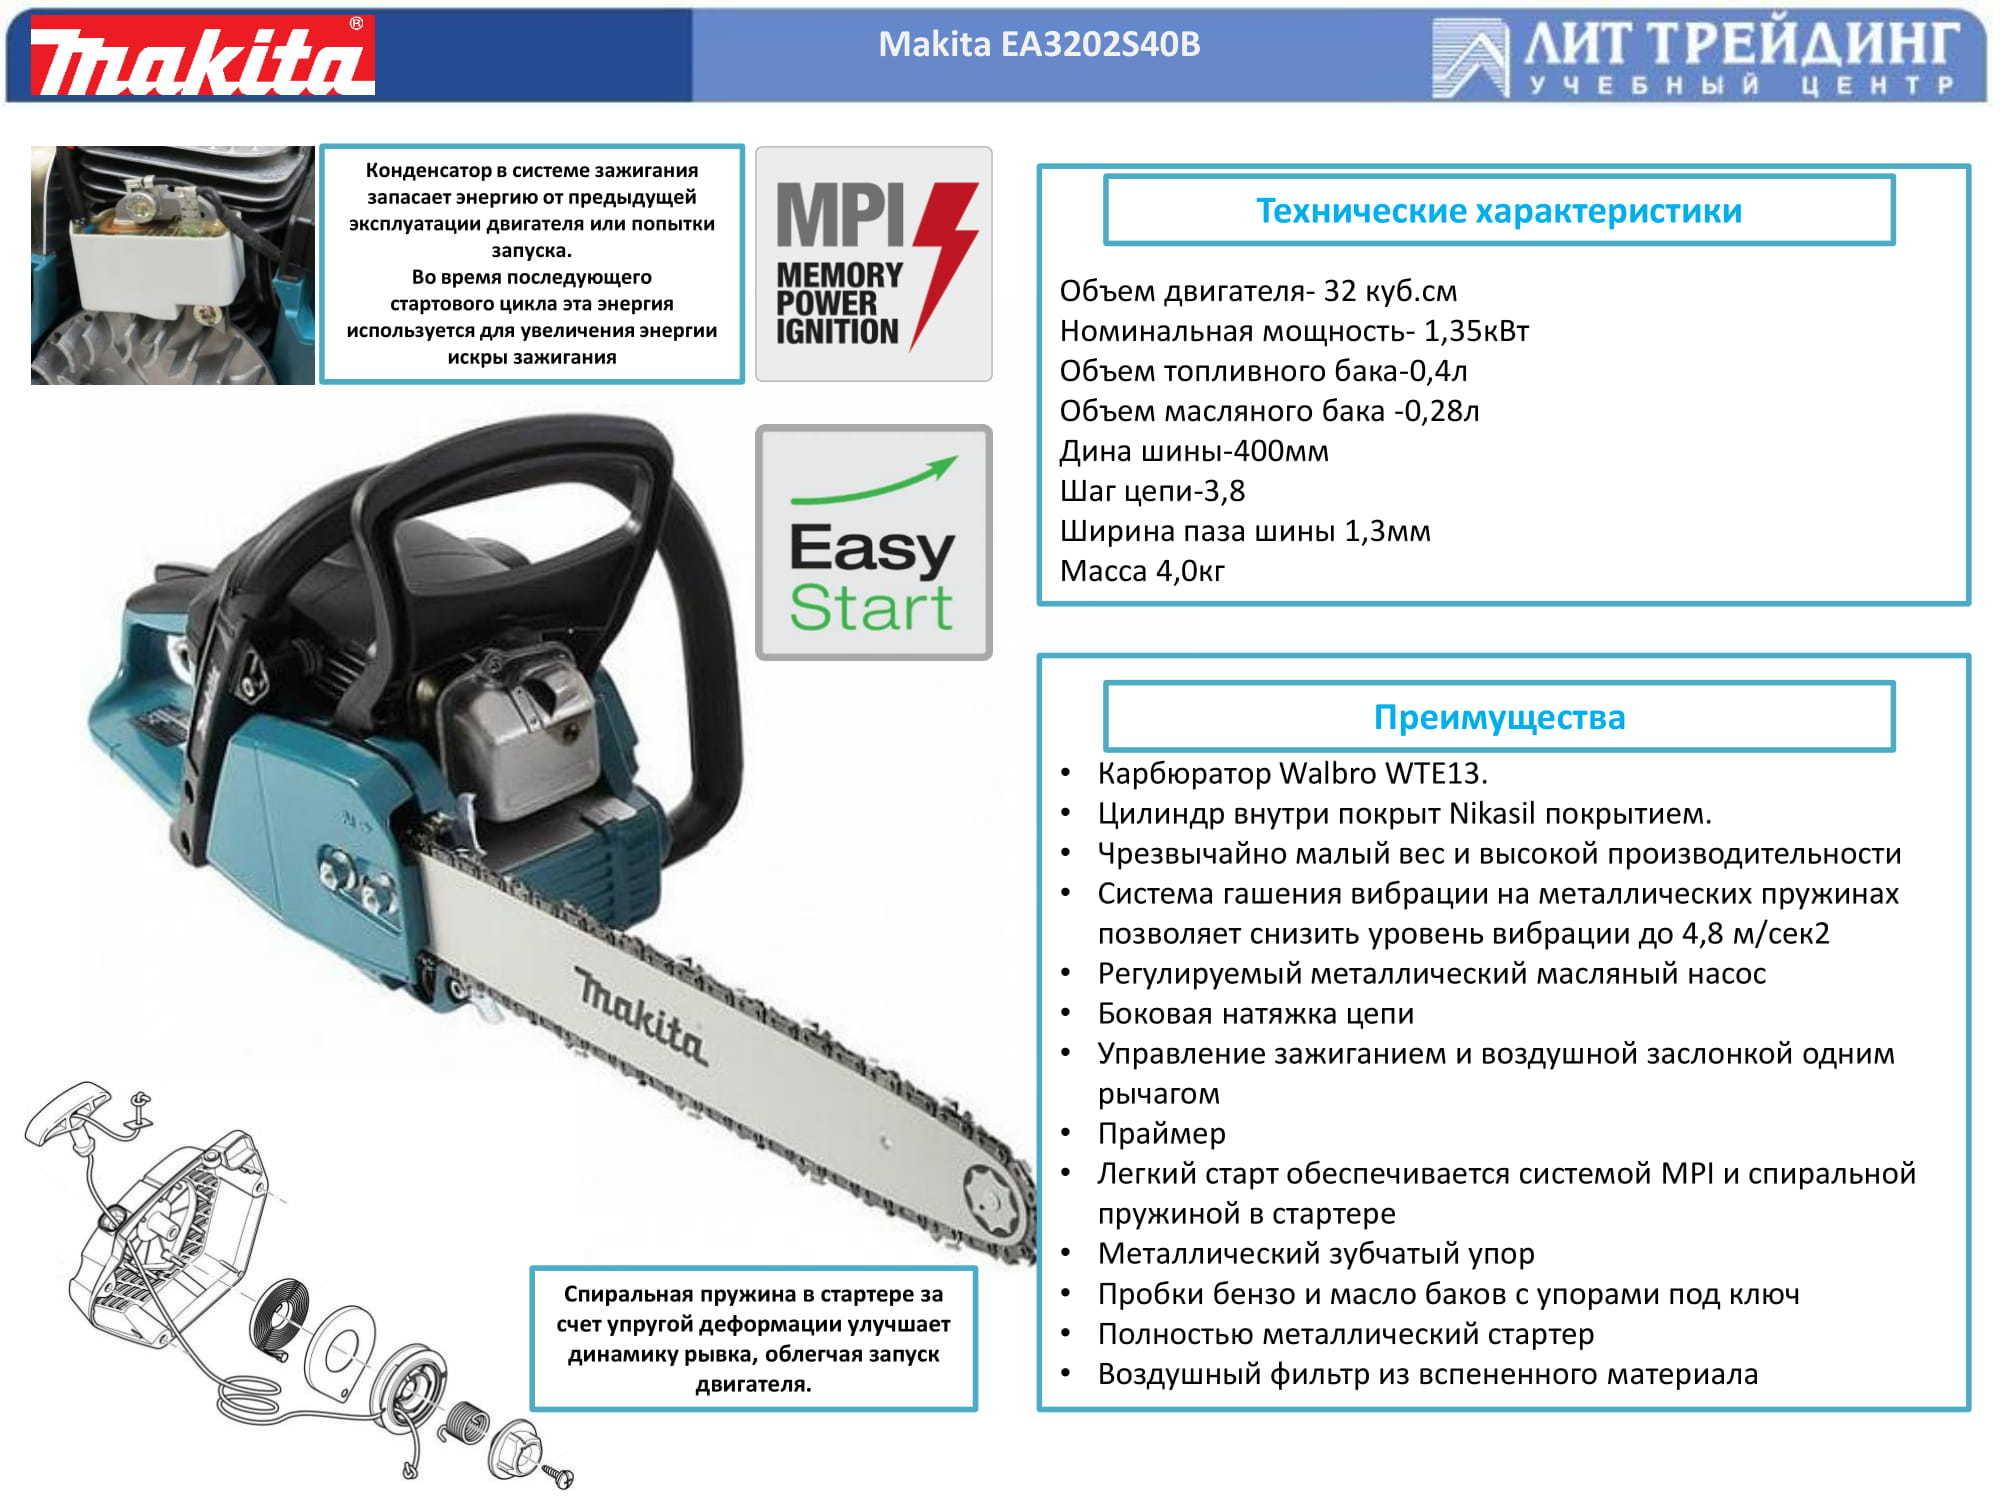 Makita ea3202s-40 — аккуратная пила по приемлемой цене